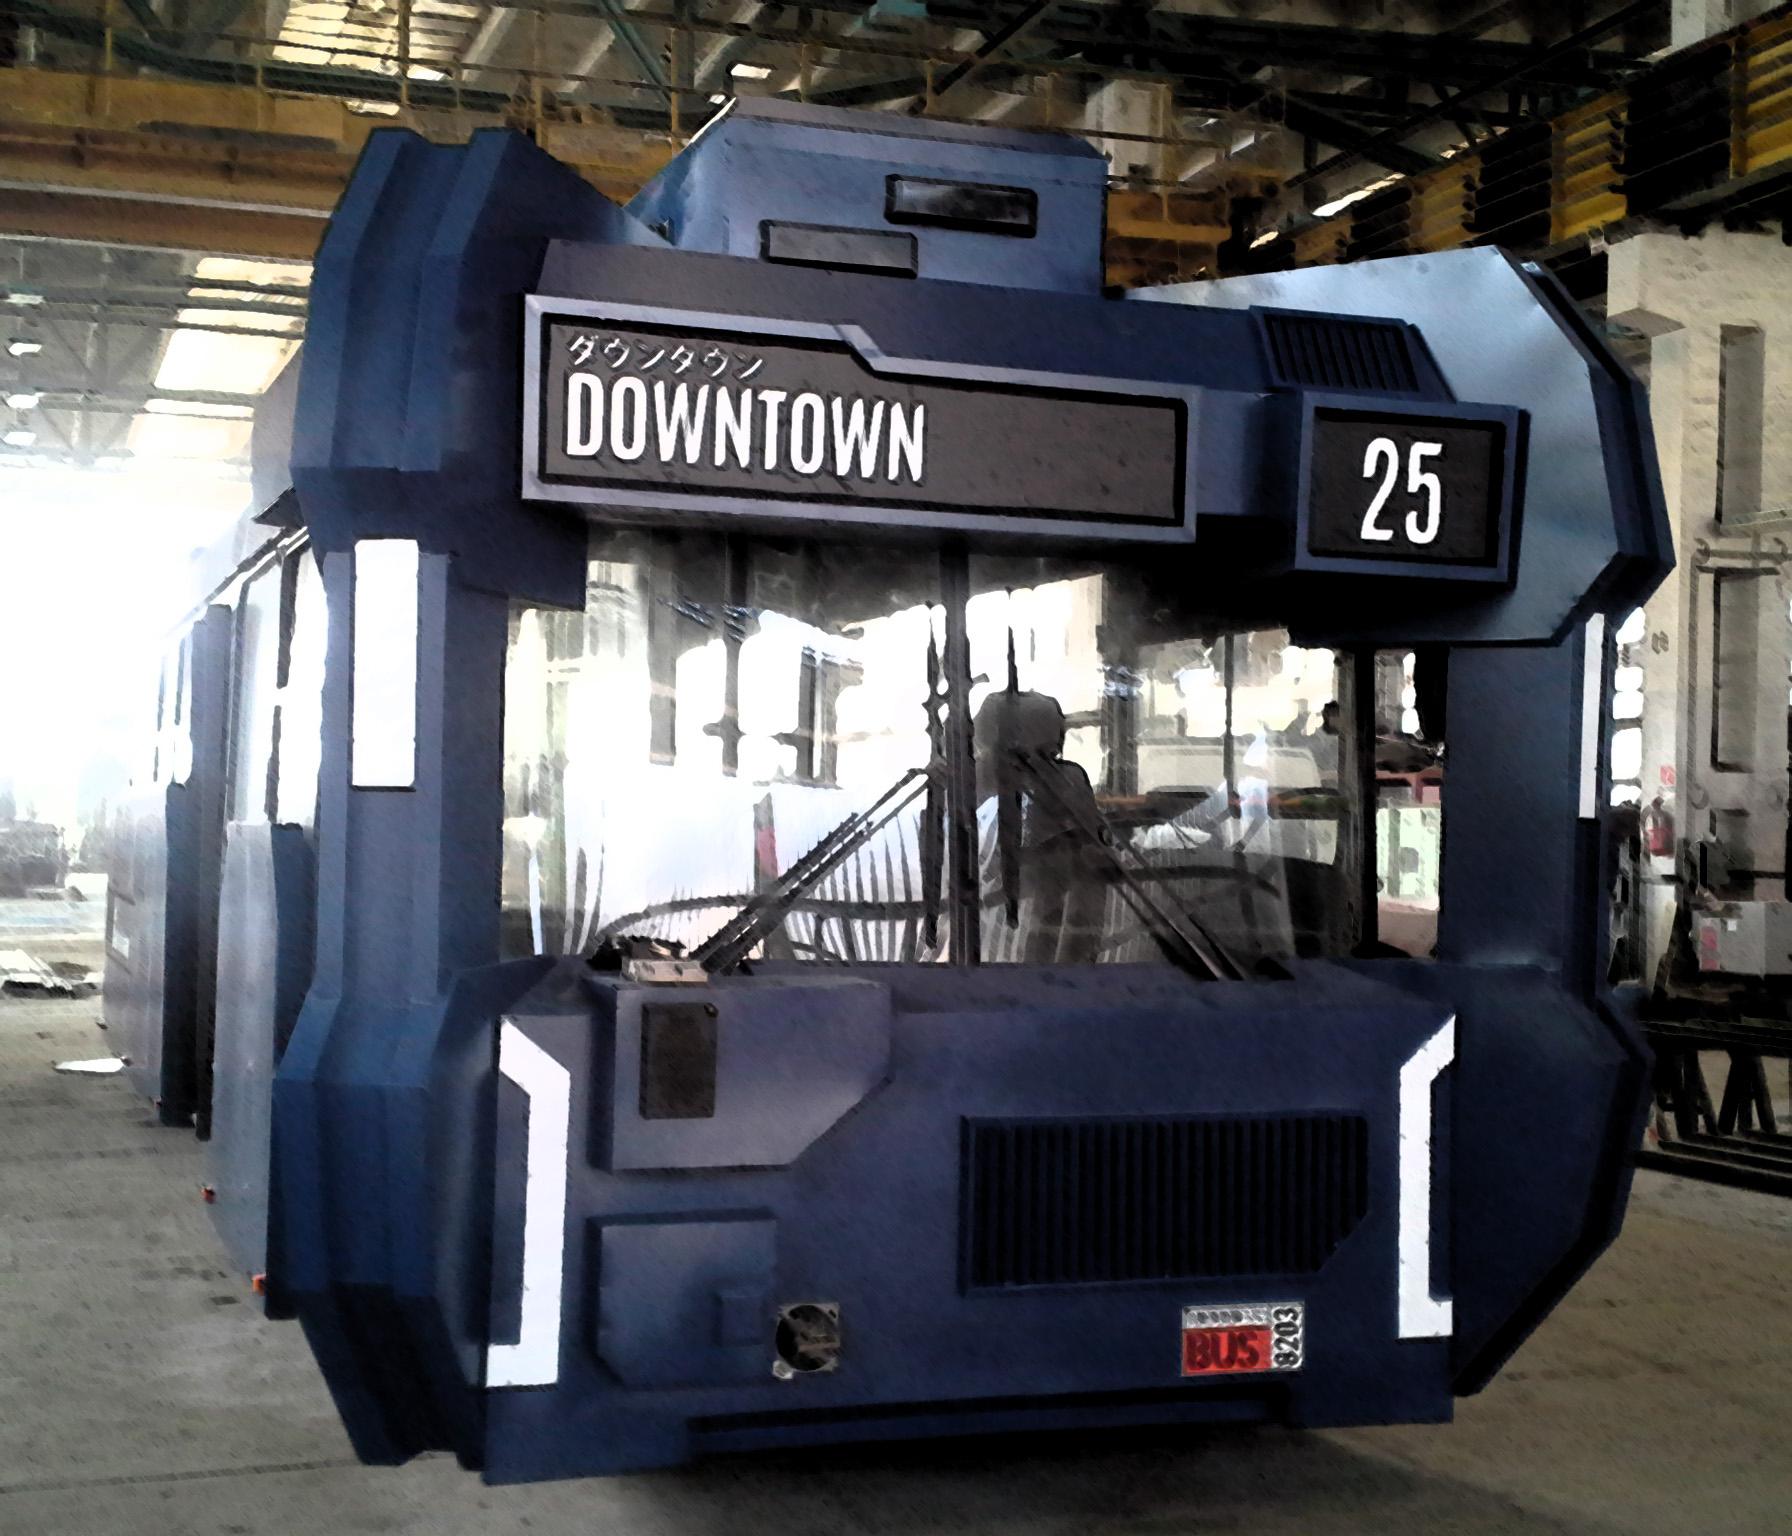 bus_12